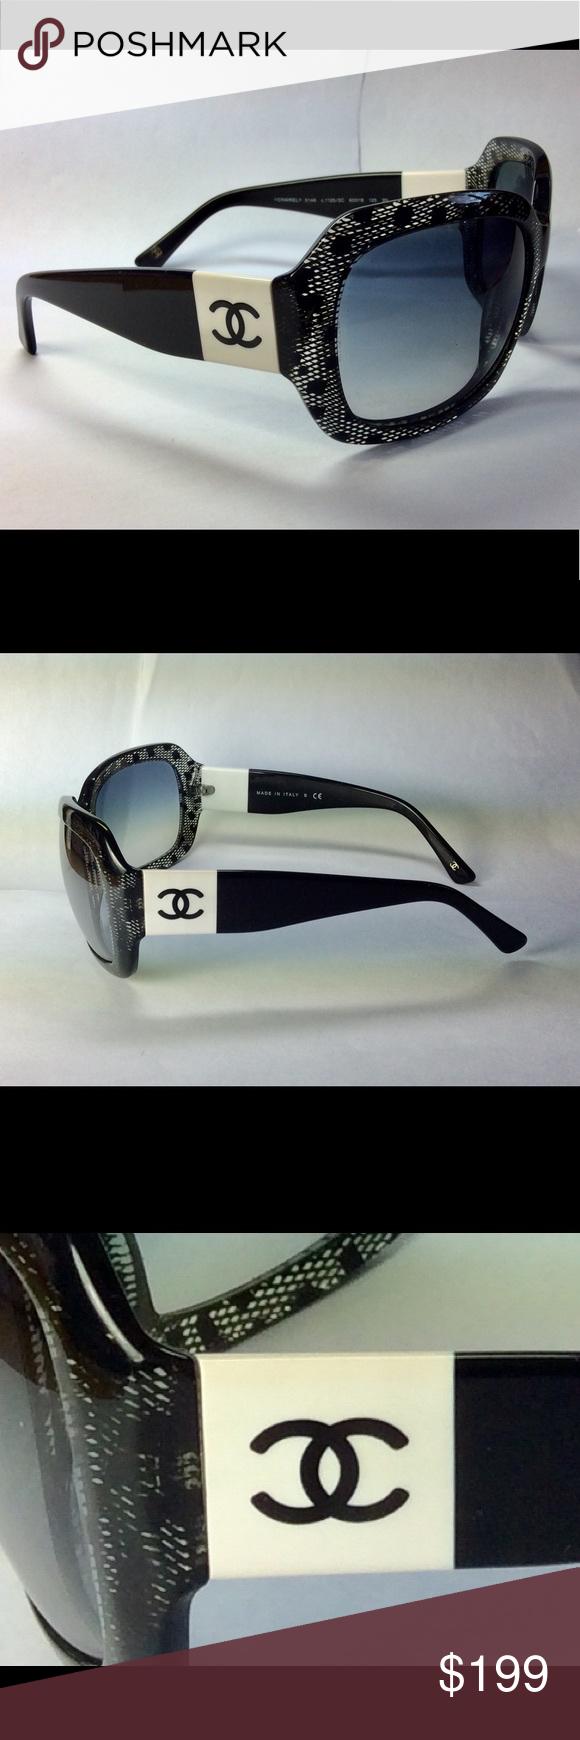 fa6ff8ade6f6 CHANEL BLACK LACE SUNGLASSES AND CASE - 5146 Chanel Sunglasses - 5146 -  Beautiful black and